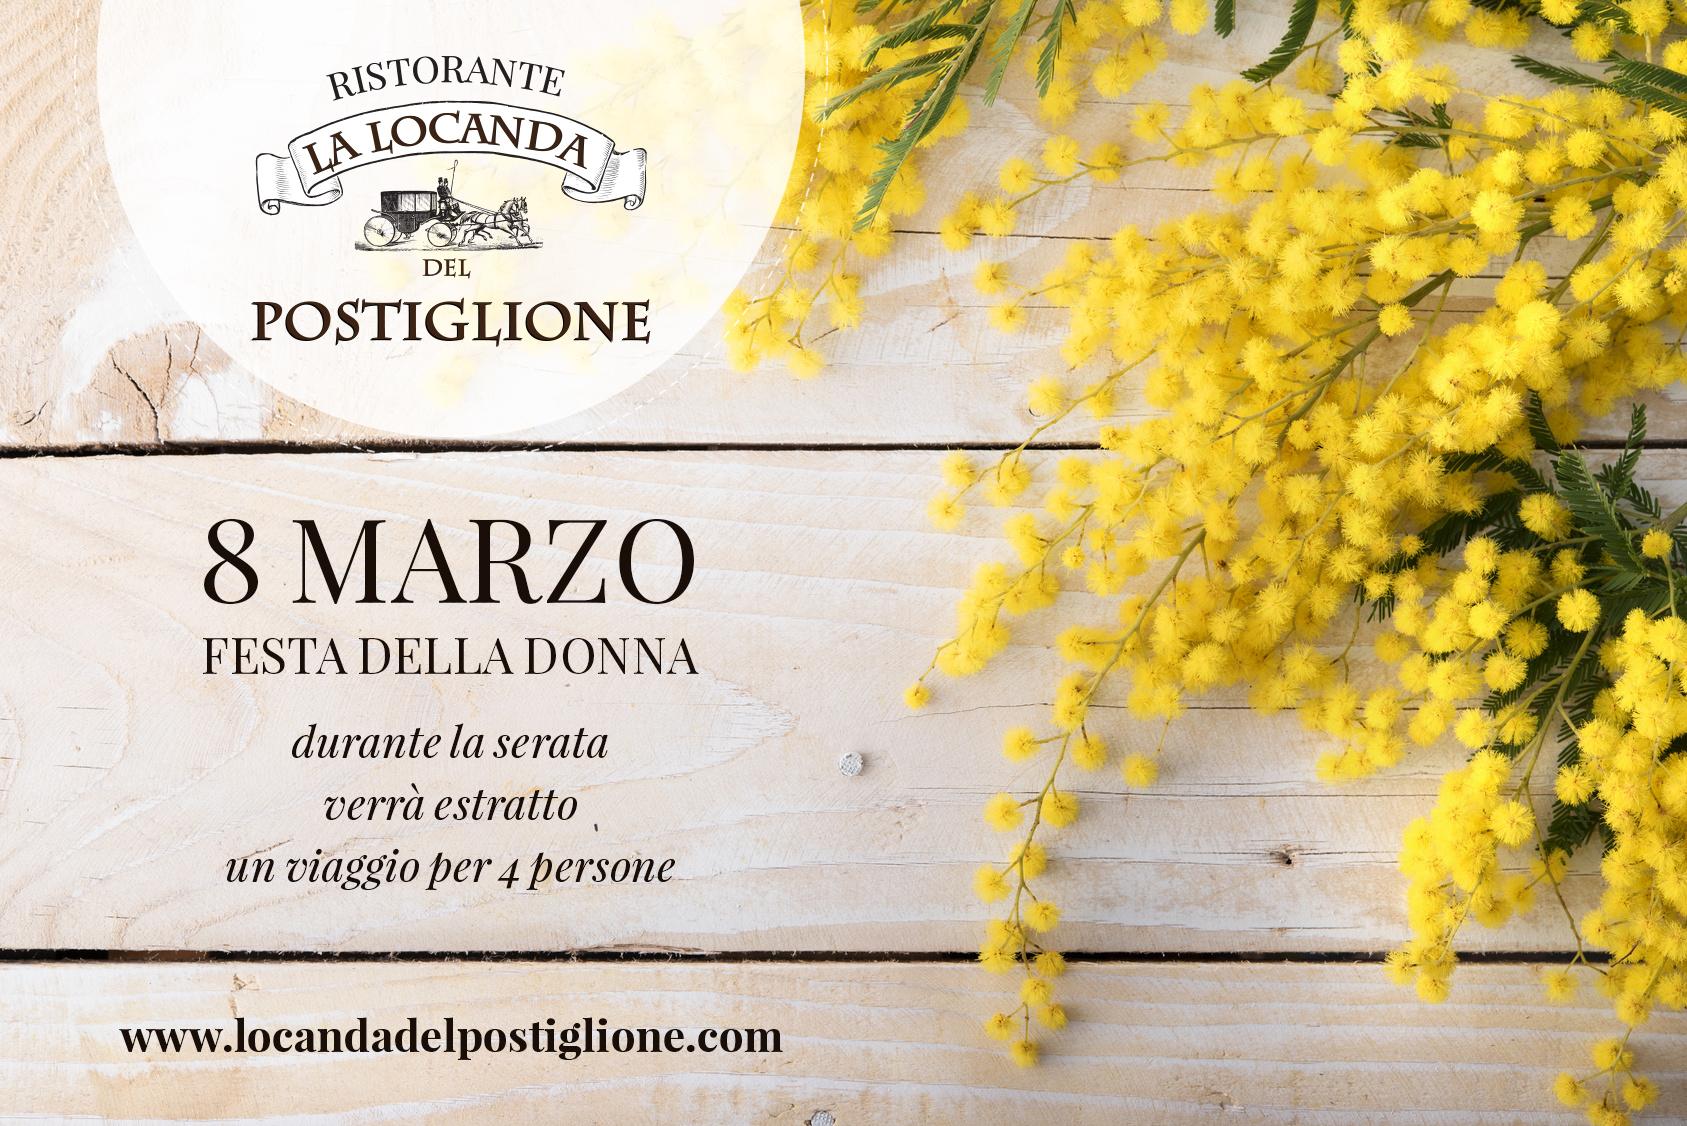 8 Marzo Festa Della Donna Ristorante Locanda Del Postiglione